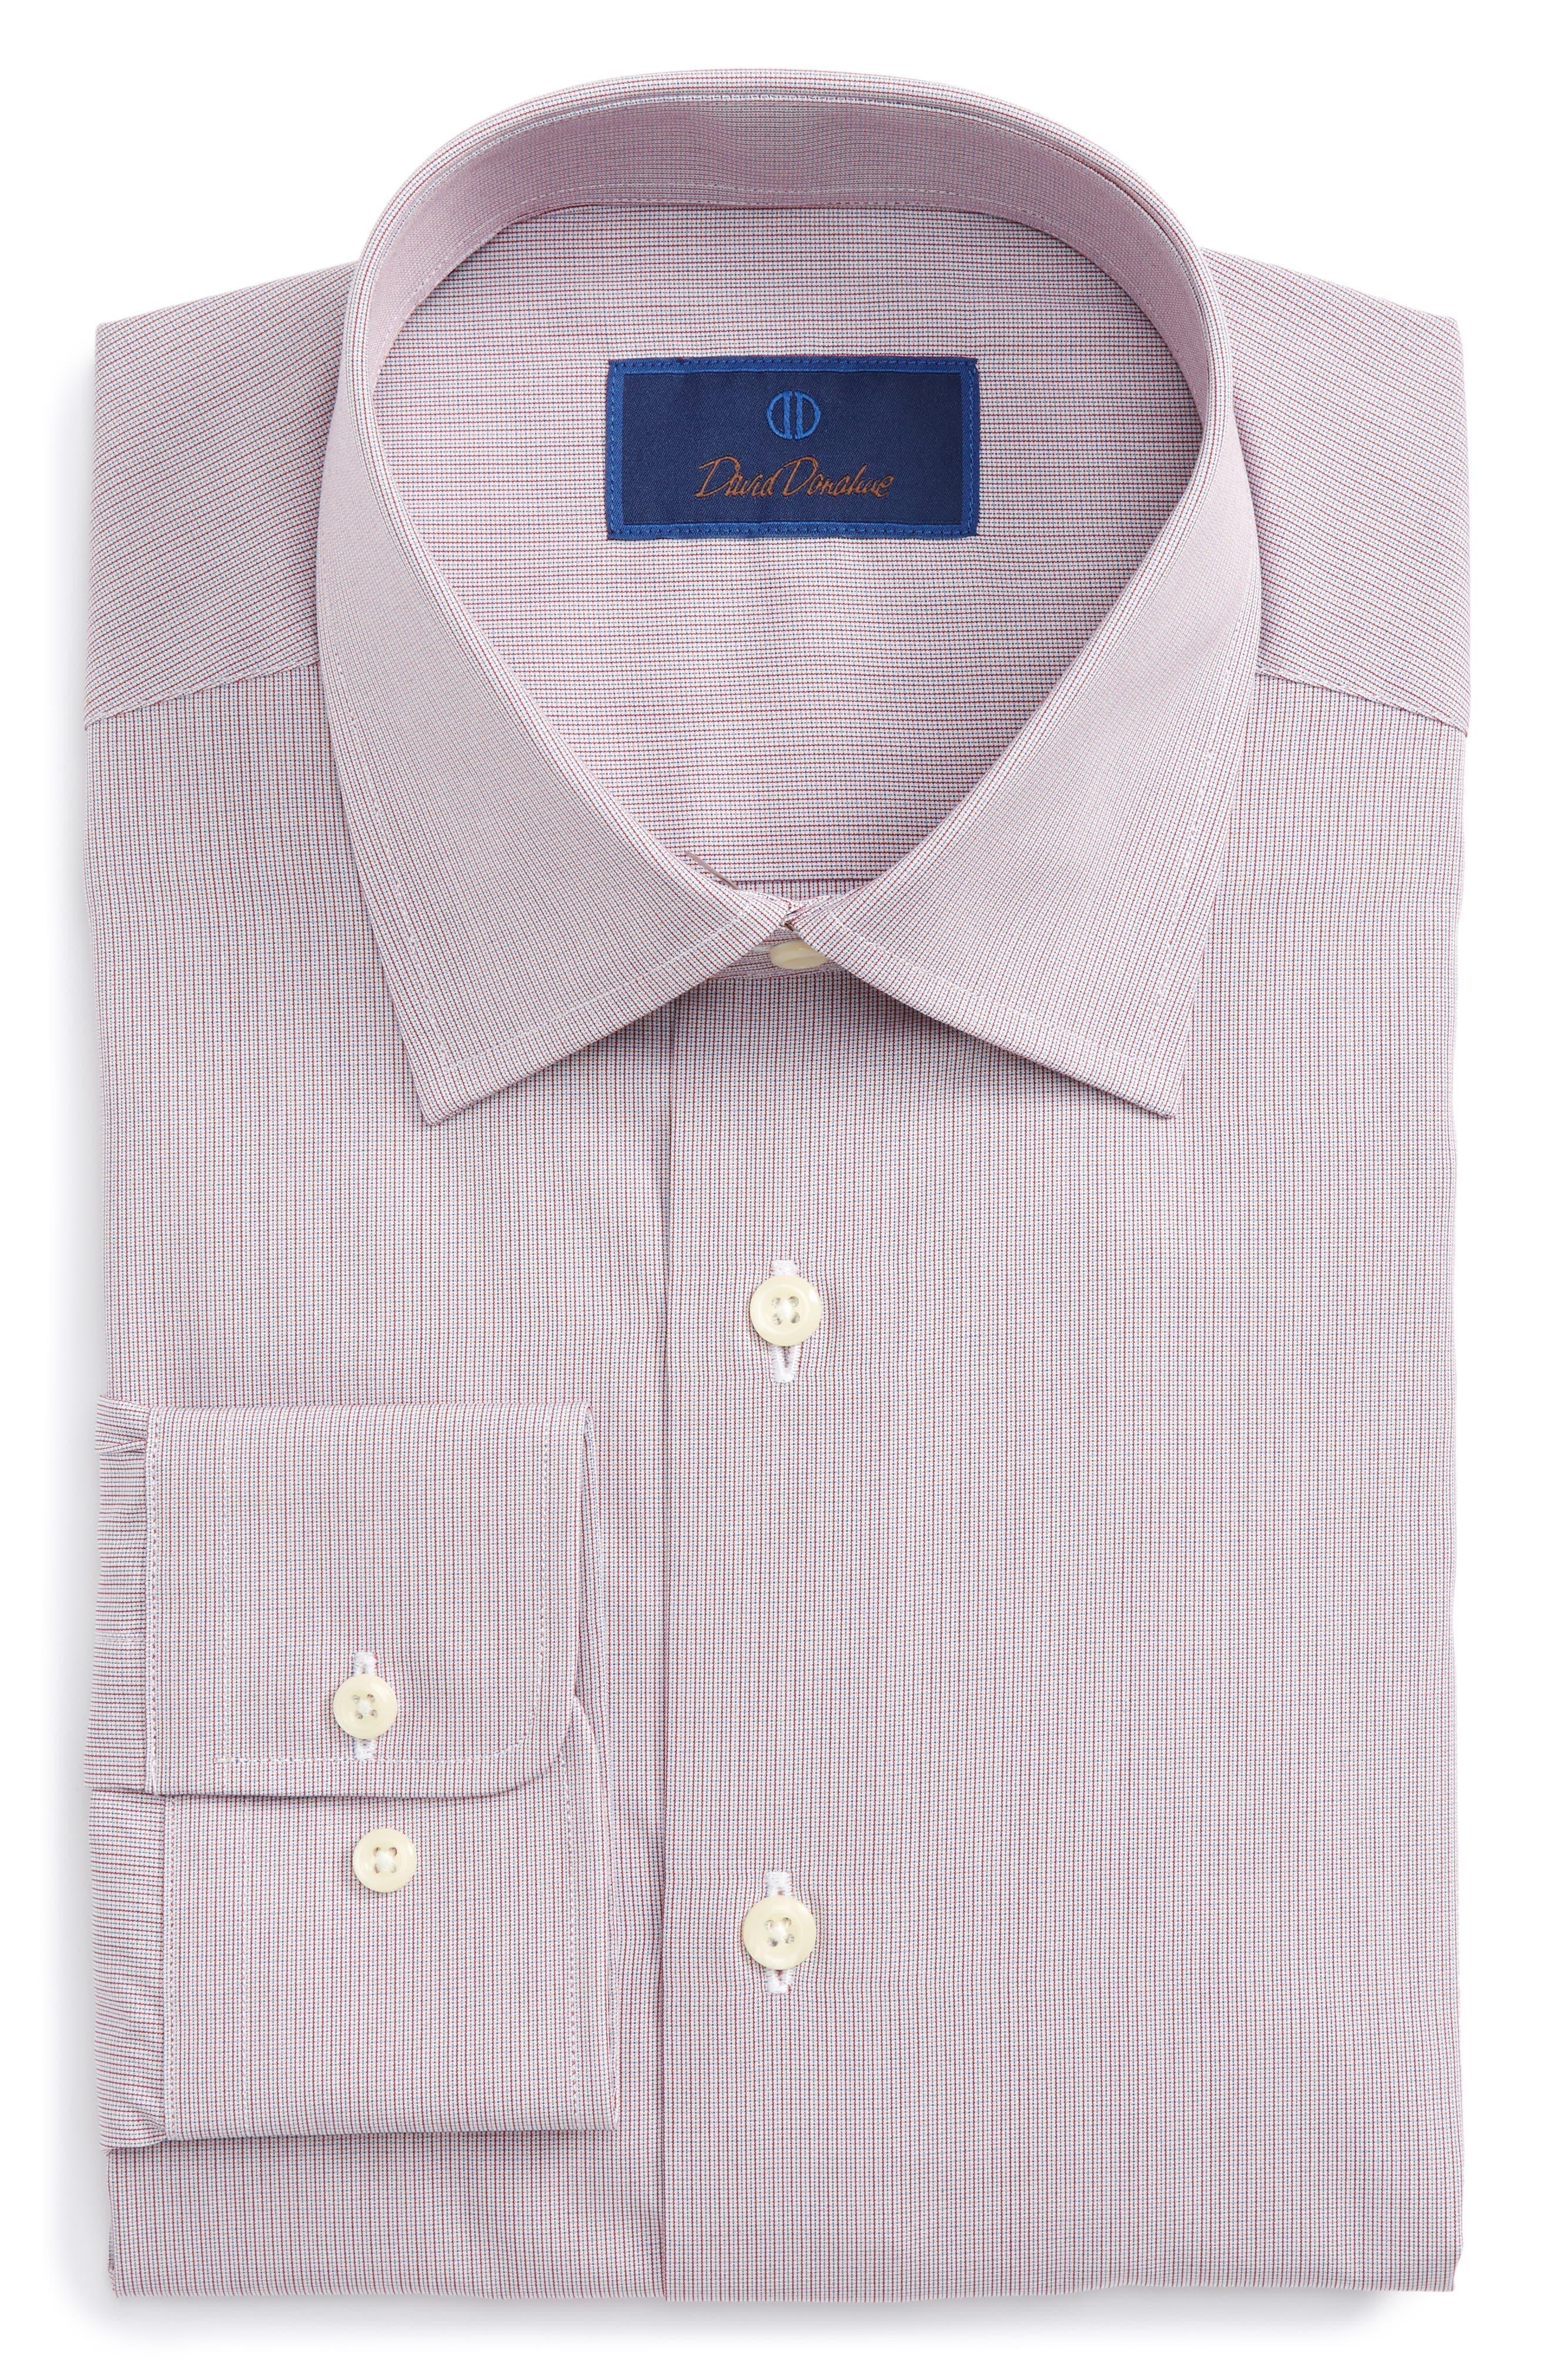 Regular Fit Check Dress Shirt,                             Main thumbnail 1, color,                             615